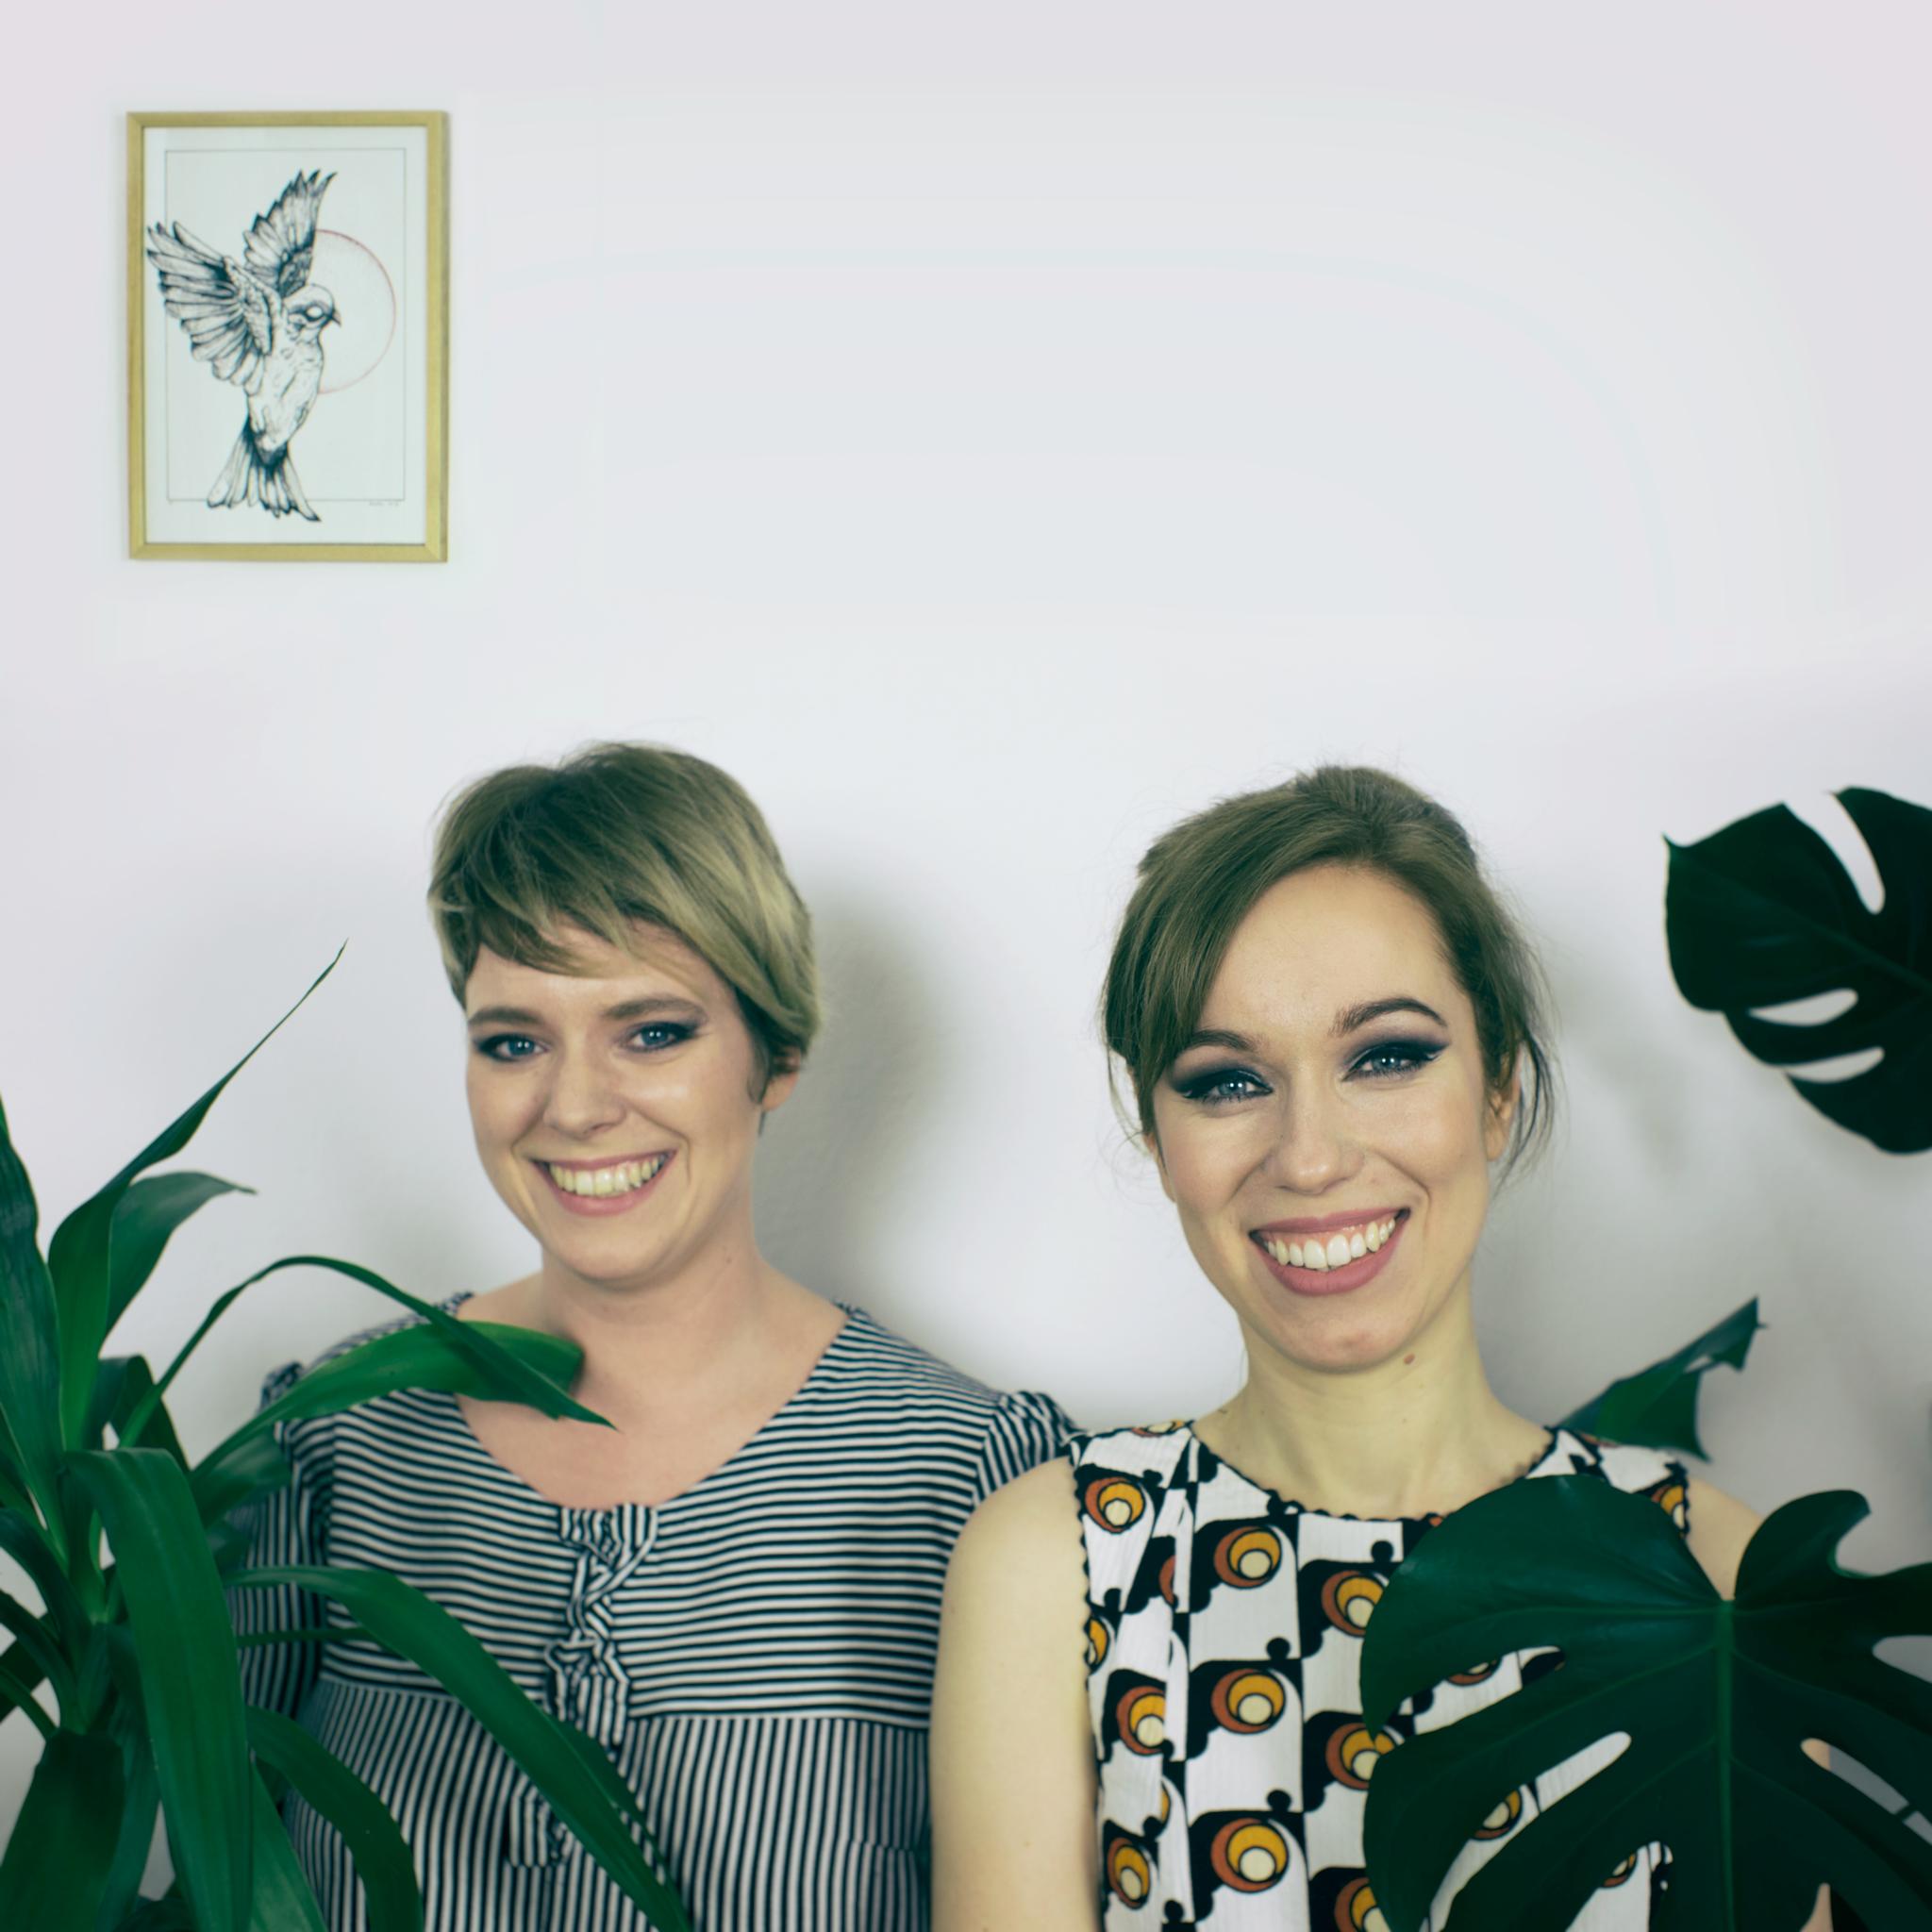 Dwie uśmiechnięte dziewczyny pomiędzy zielonymi roślinami